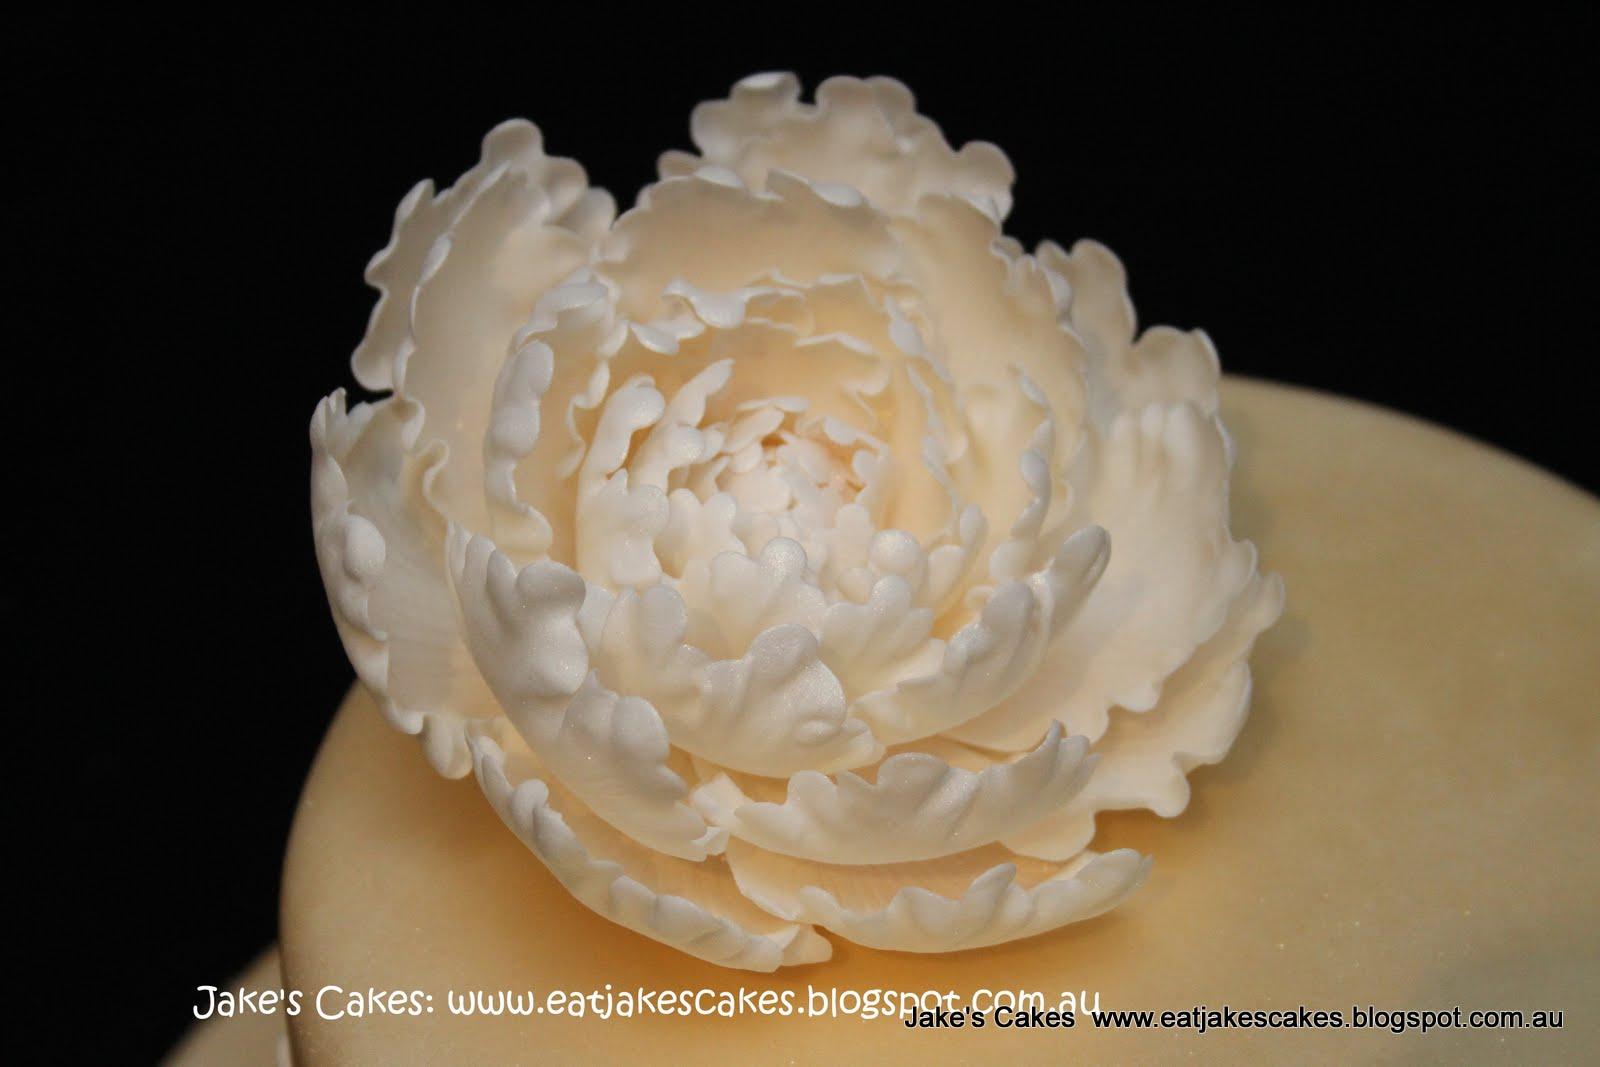 Jakes Cakes Peony Wedding Cake And Rose Cupcakes - Peony Wedding Cake